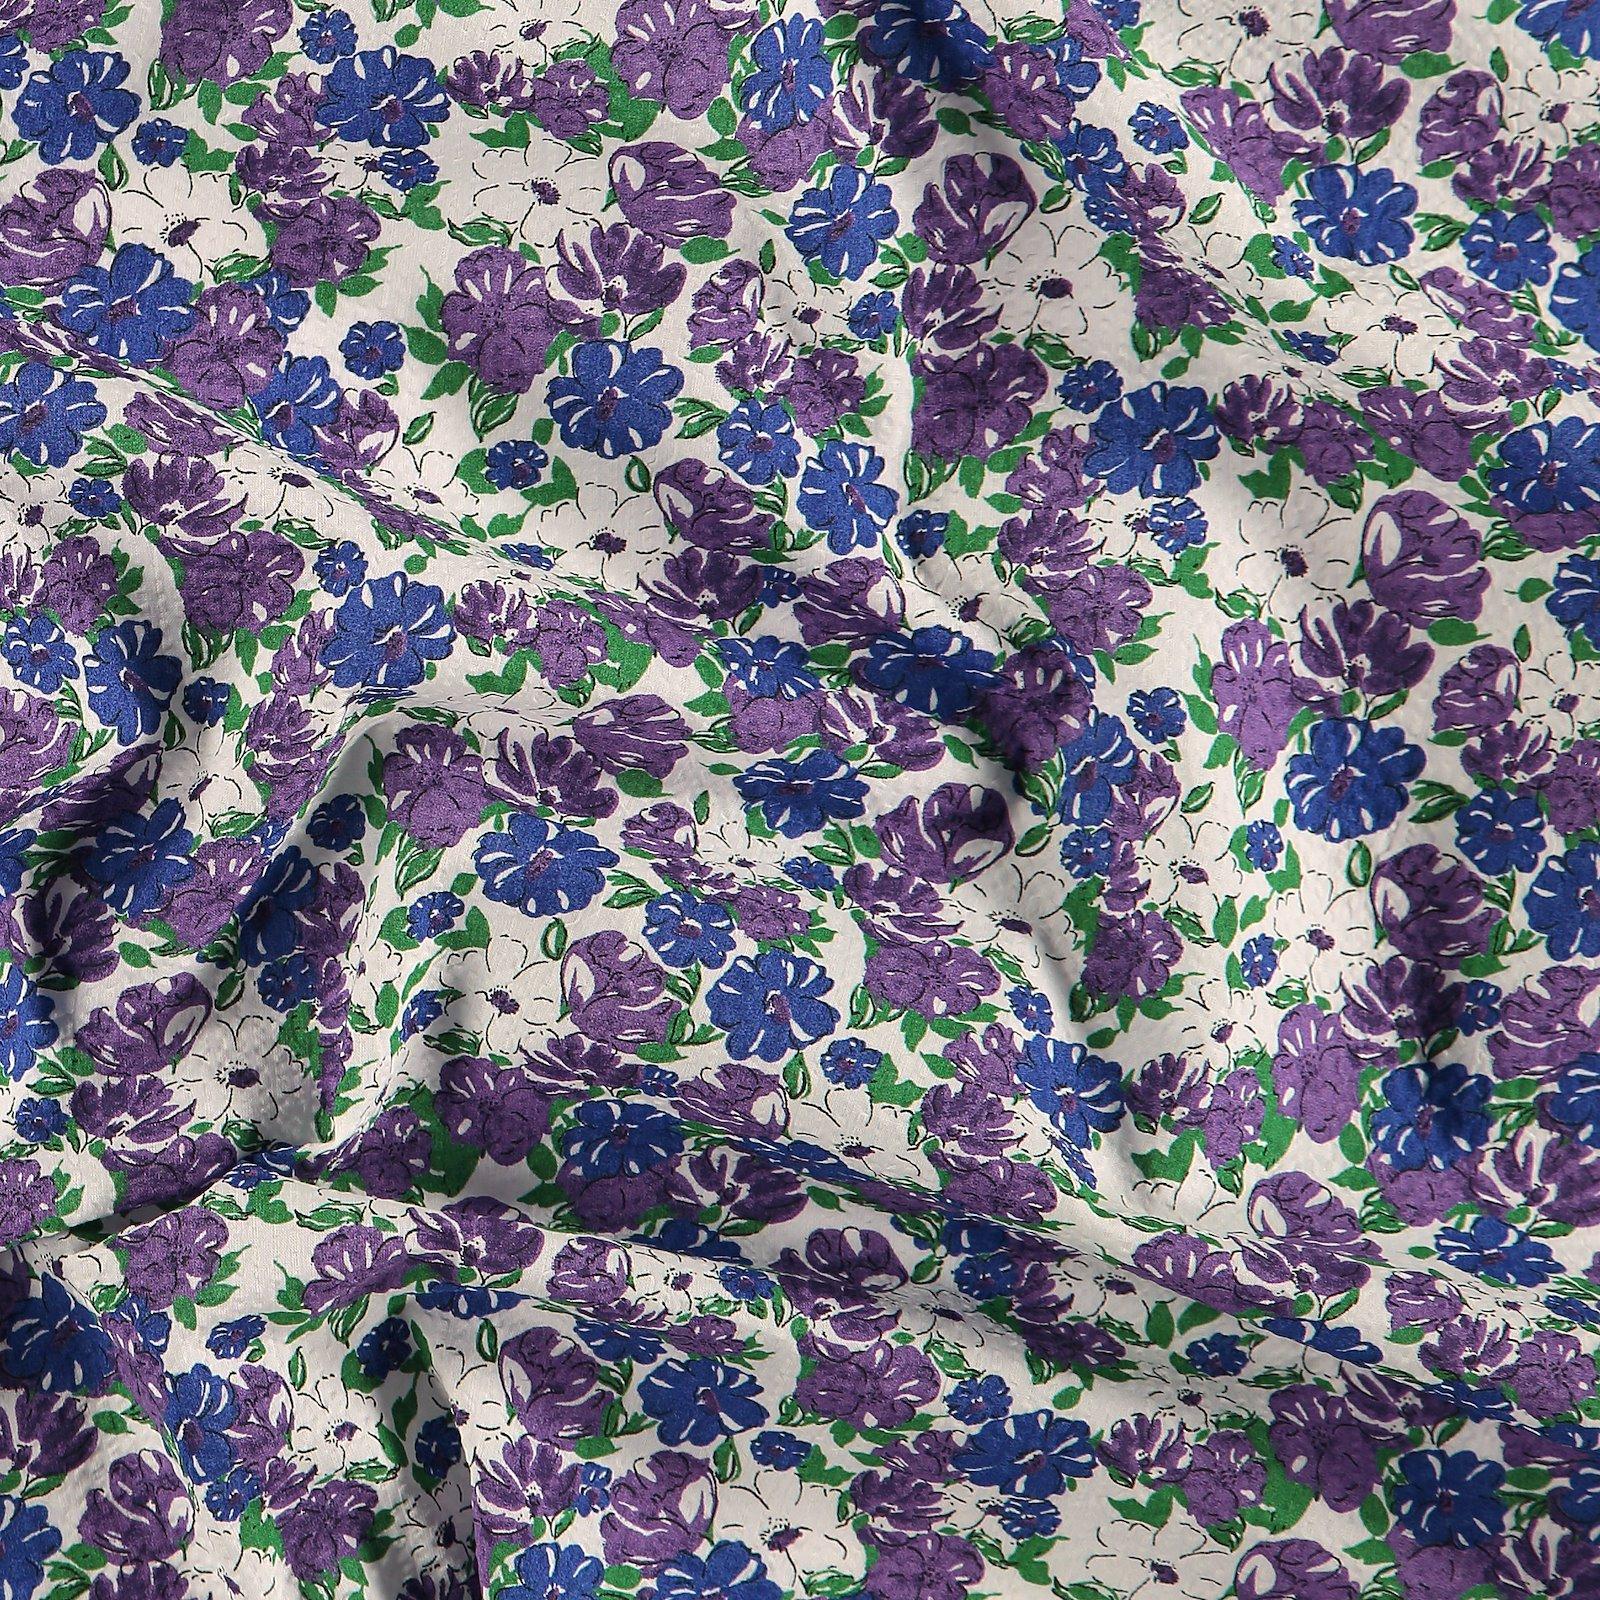 Seersucker white with blue/purple flower